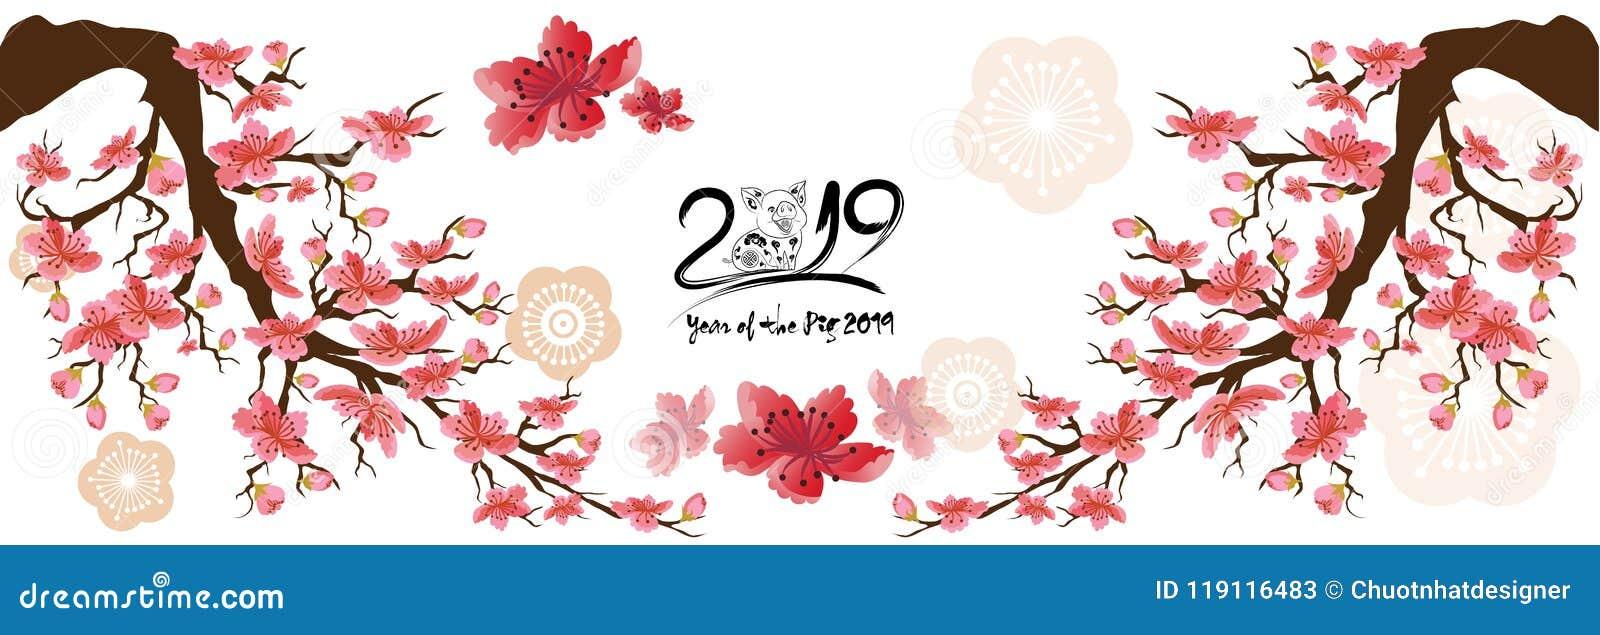 Placez la carte de voeux 2019 de bonne année de bannière et la nouvelle année chinoise du porc, fond de fleurs de cerisier